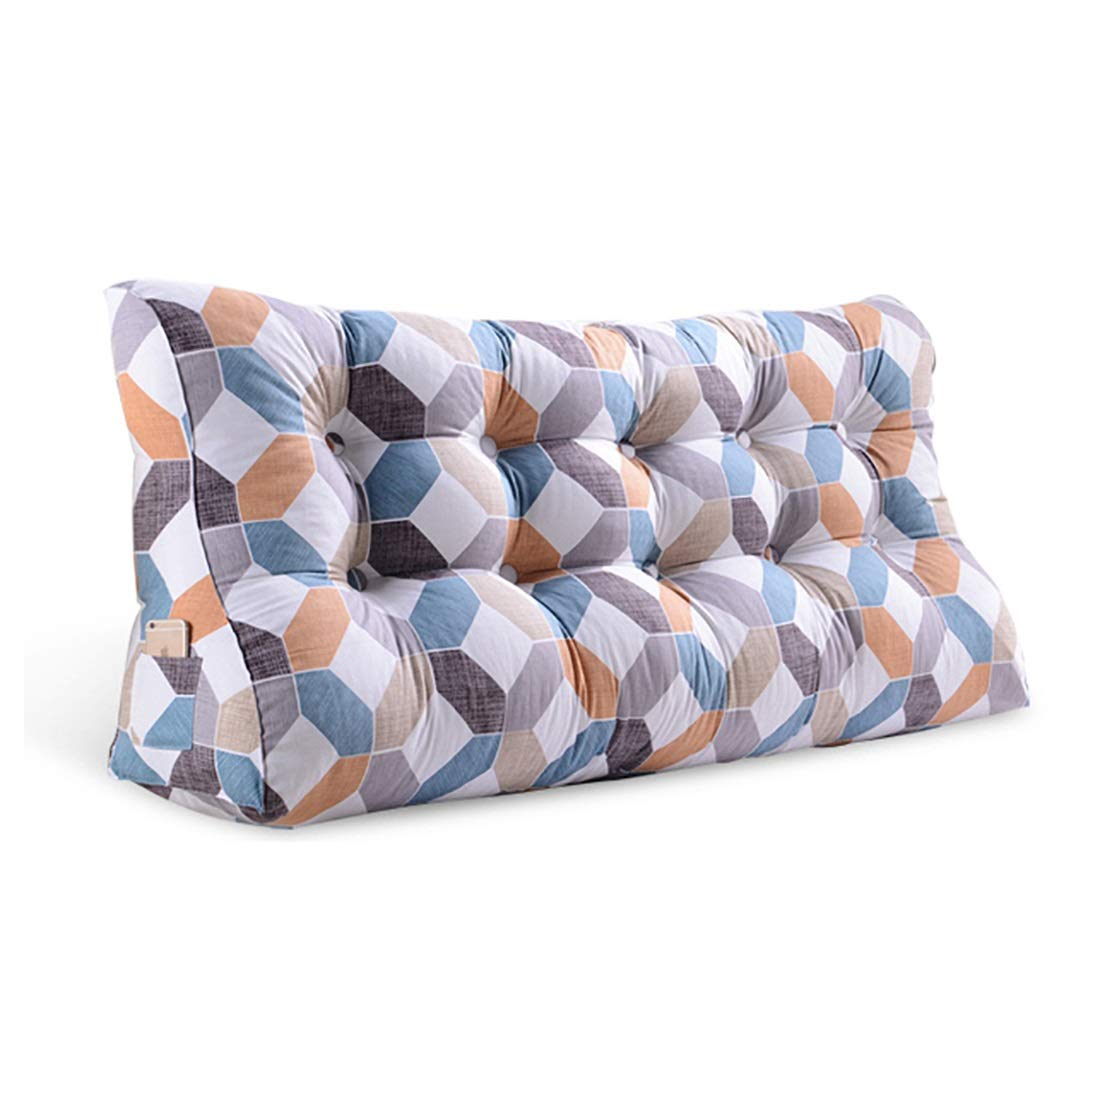 Dimensioni Cuscino Letto.Cuscino Cuscino Letto Triangolo Pad Divano Morbido Cuscino